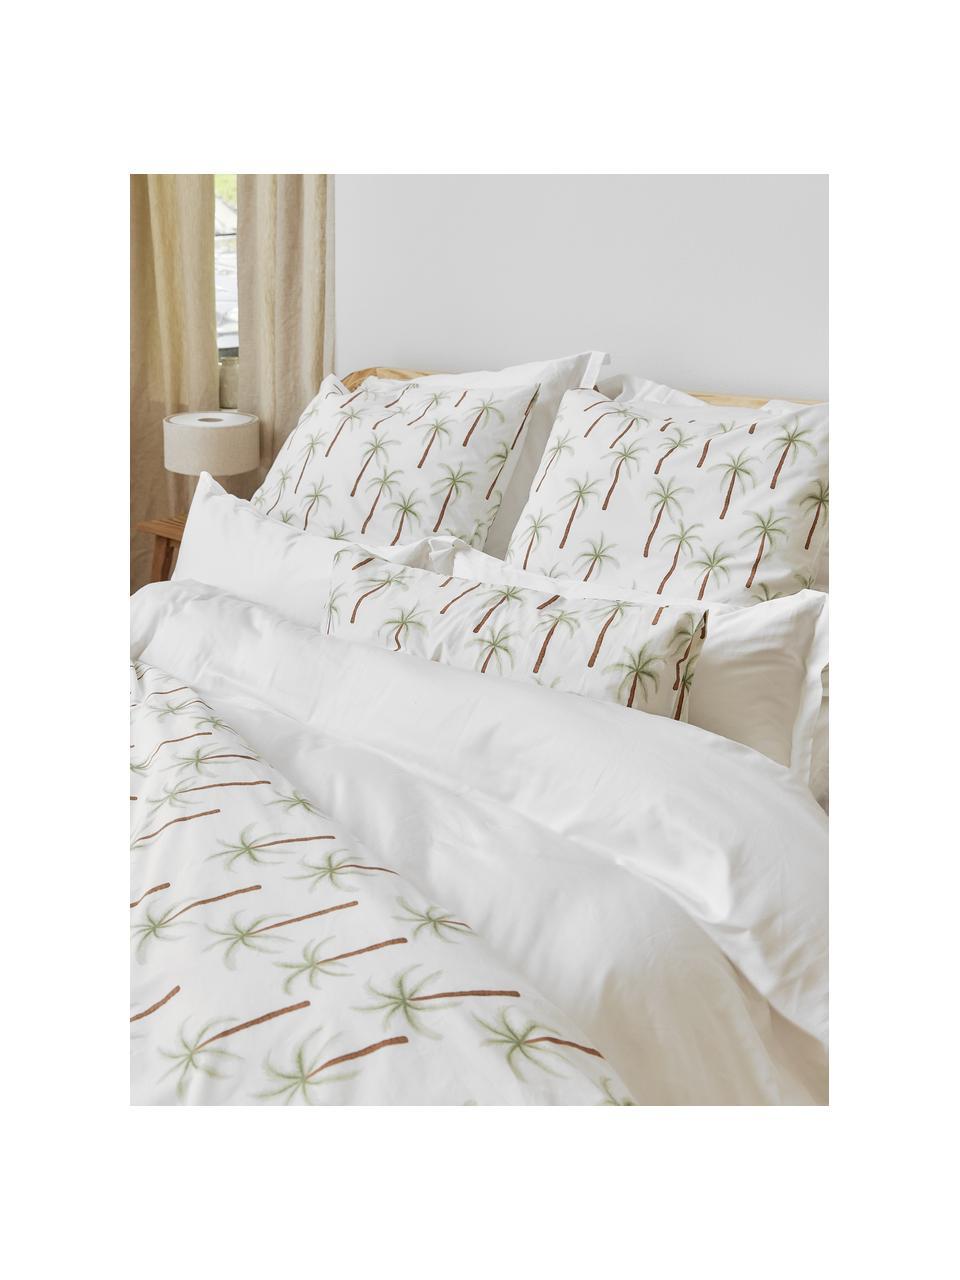 Perkal-Bettwäsche Martha aus Bio-Baumwolle mit Palmen-Print, Webart: Perkal Fadendichte 180 TC, Weiß, Grün, Braun, 240 x 220 cm + 2 Kissen 80 x 80 cm